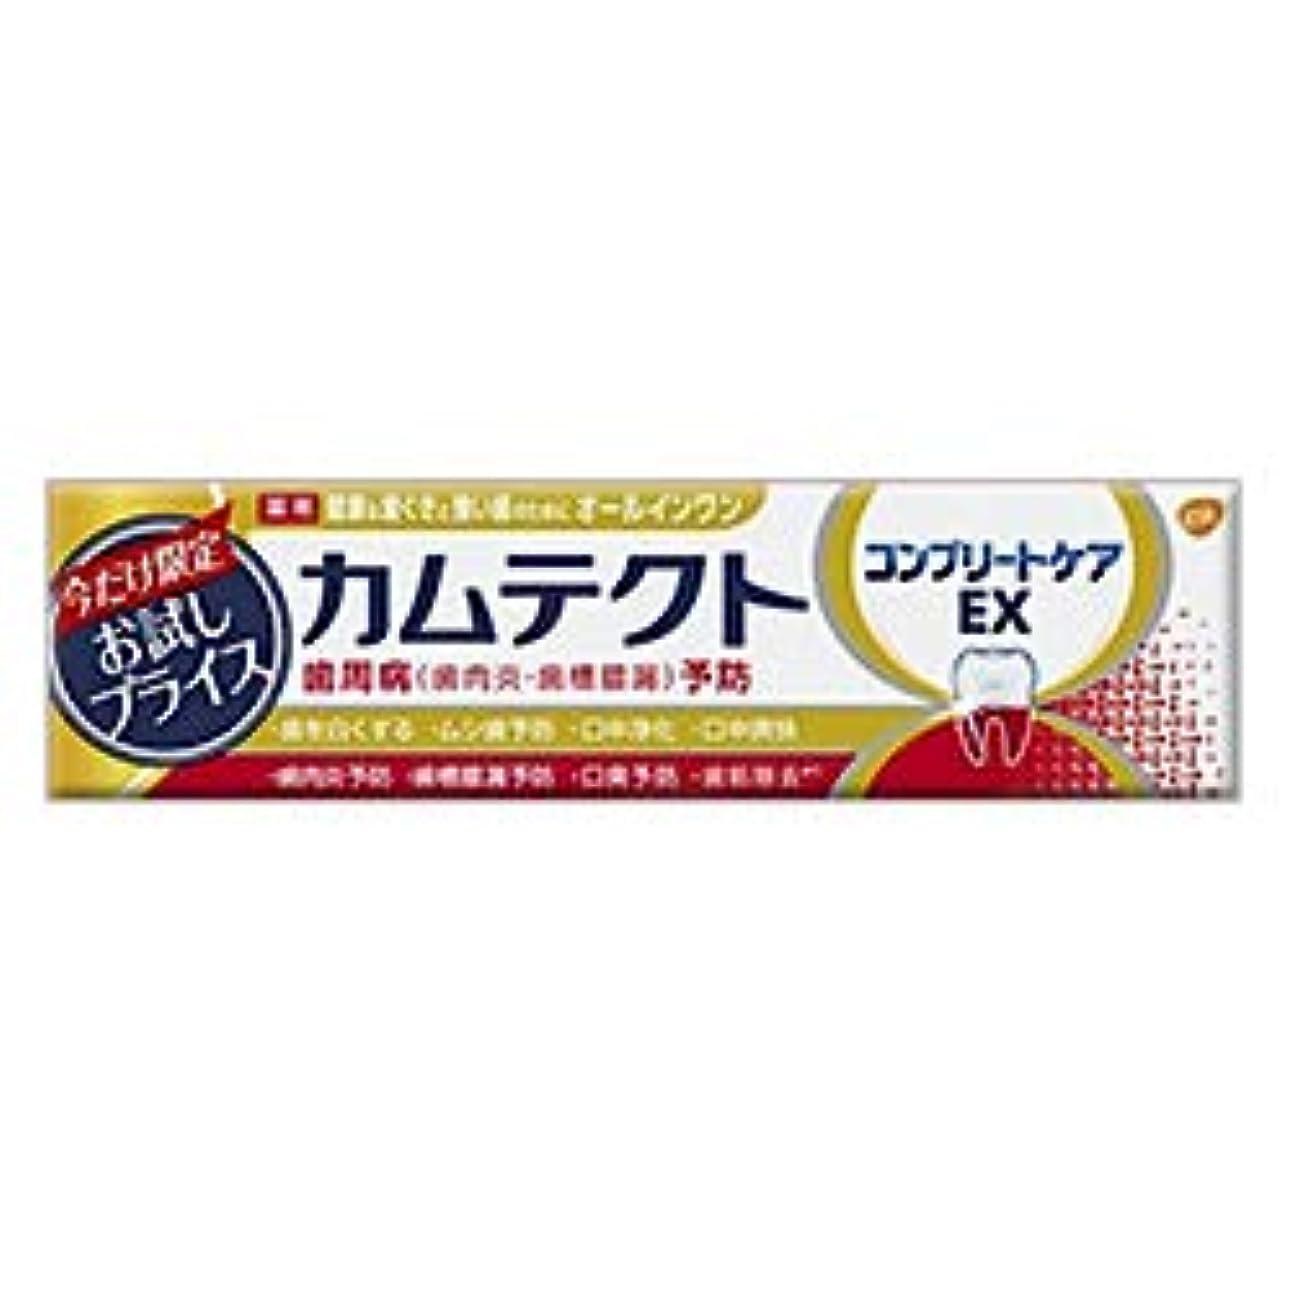 表現汚れたゾーン【アース製薬】カムテクト コンプリートケアEX 限定お試し版 95g [医薬部外品] ×3個セット